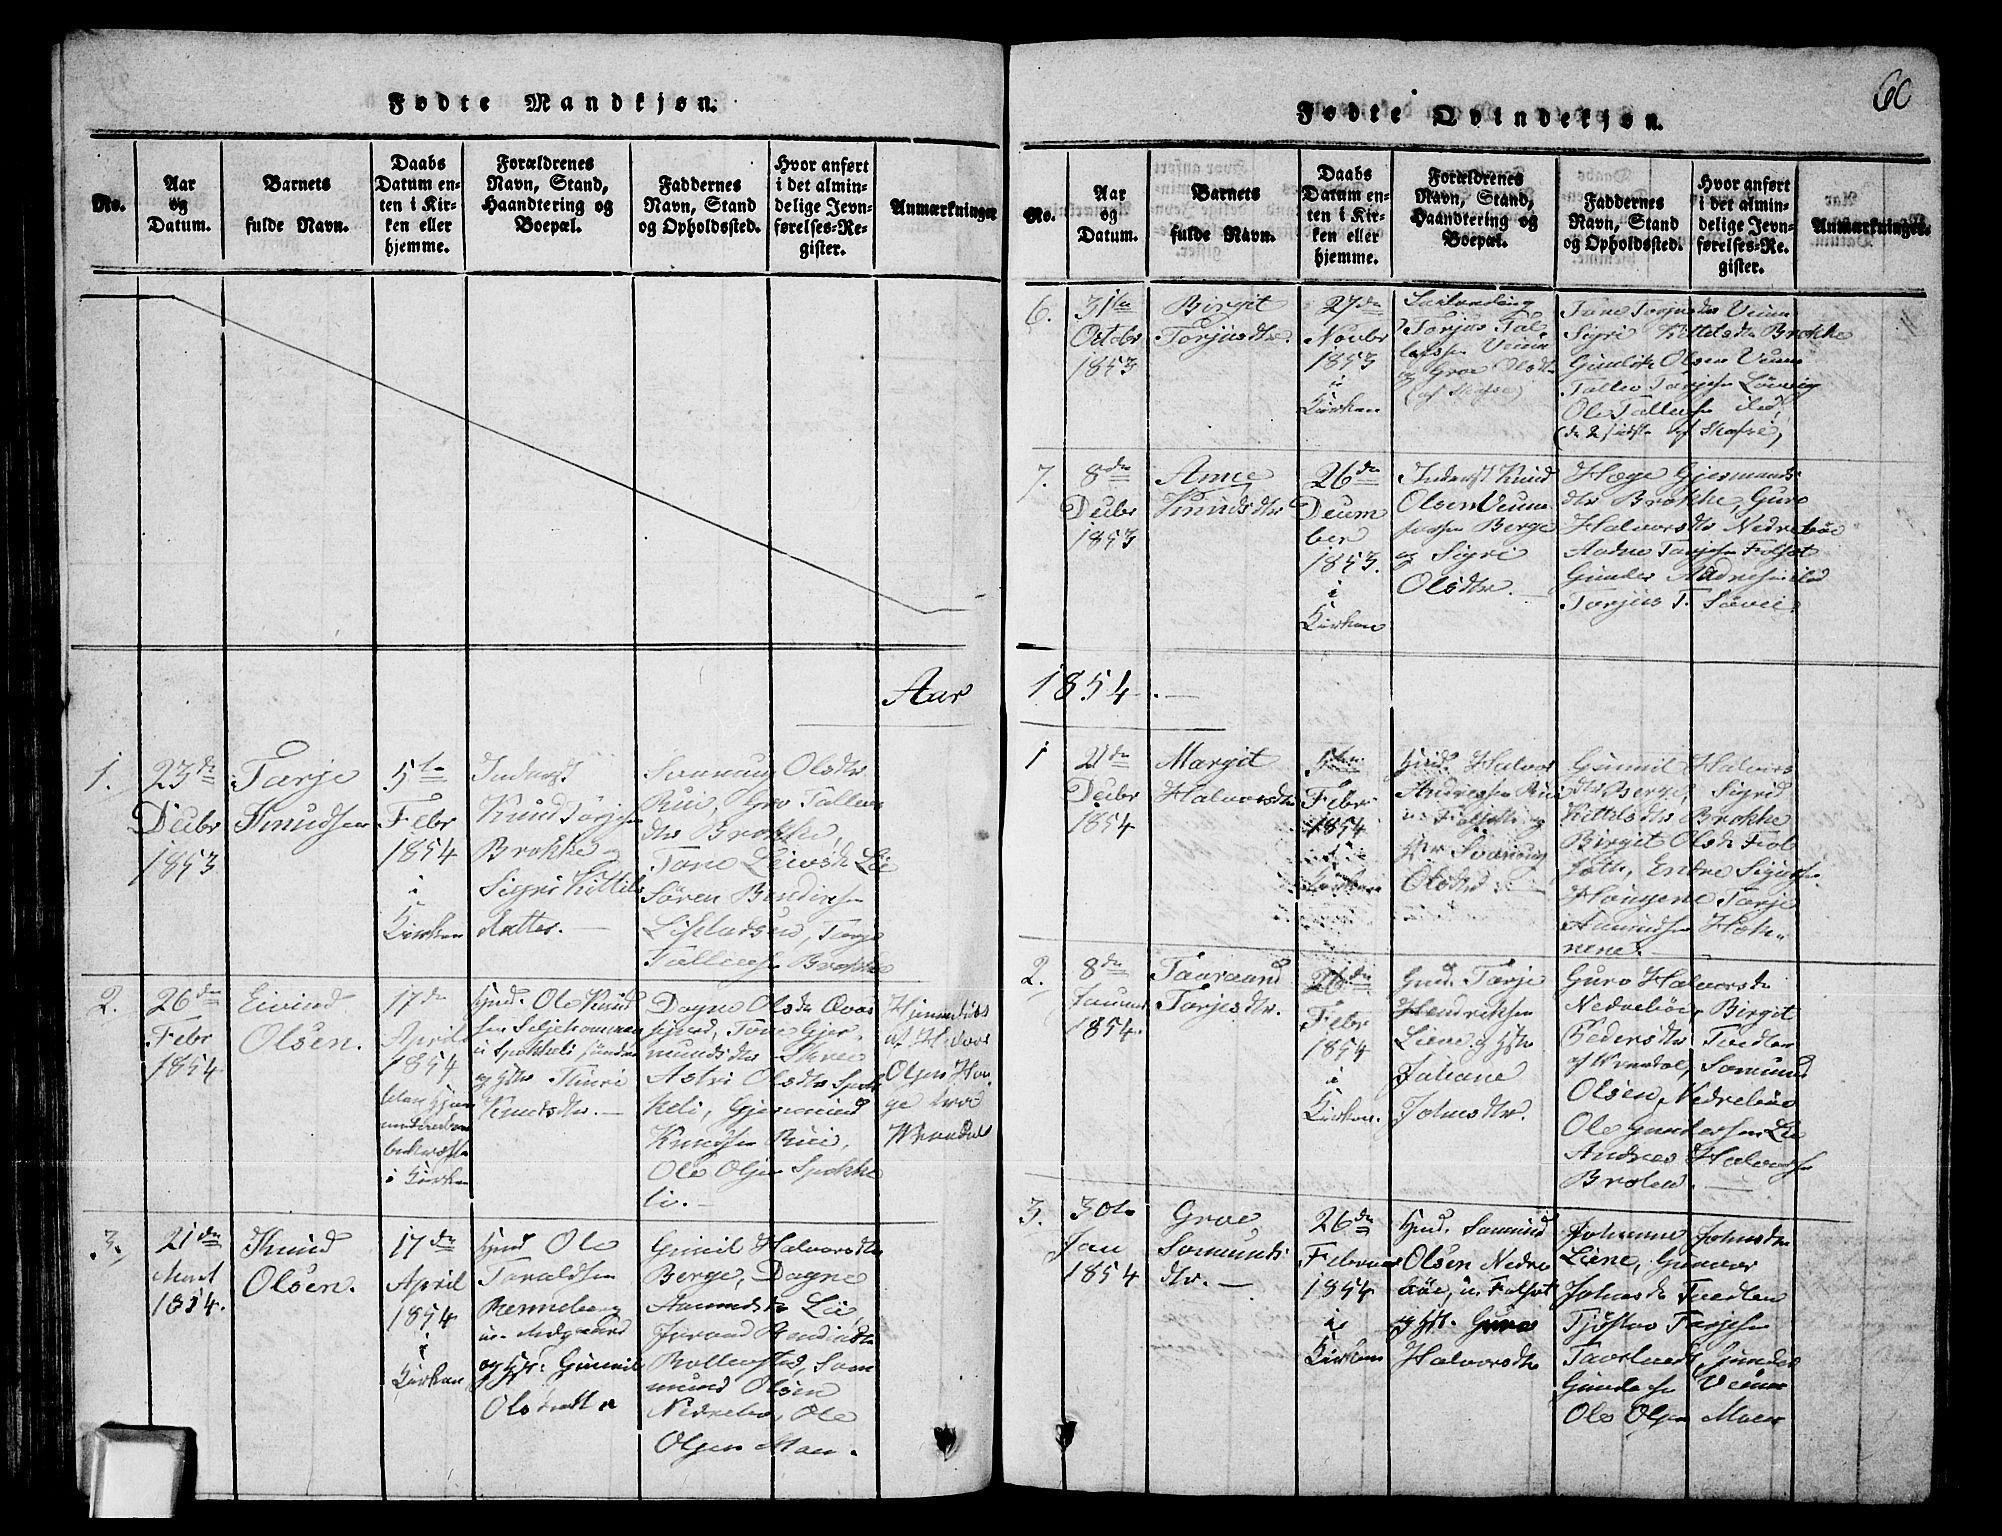 SAKO, Fyresdal kirkebøker, G/Ga/L0003: Klokkerbok nr. I 3, 1815-1863, s. 60